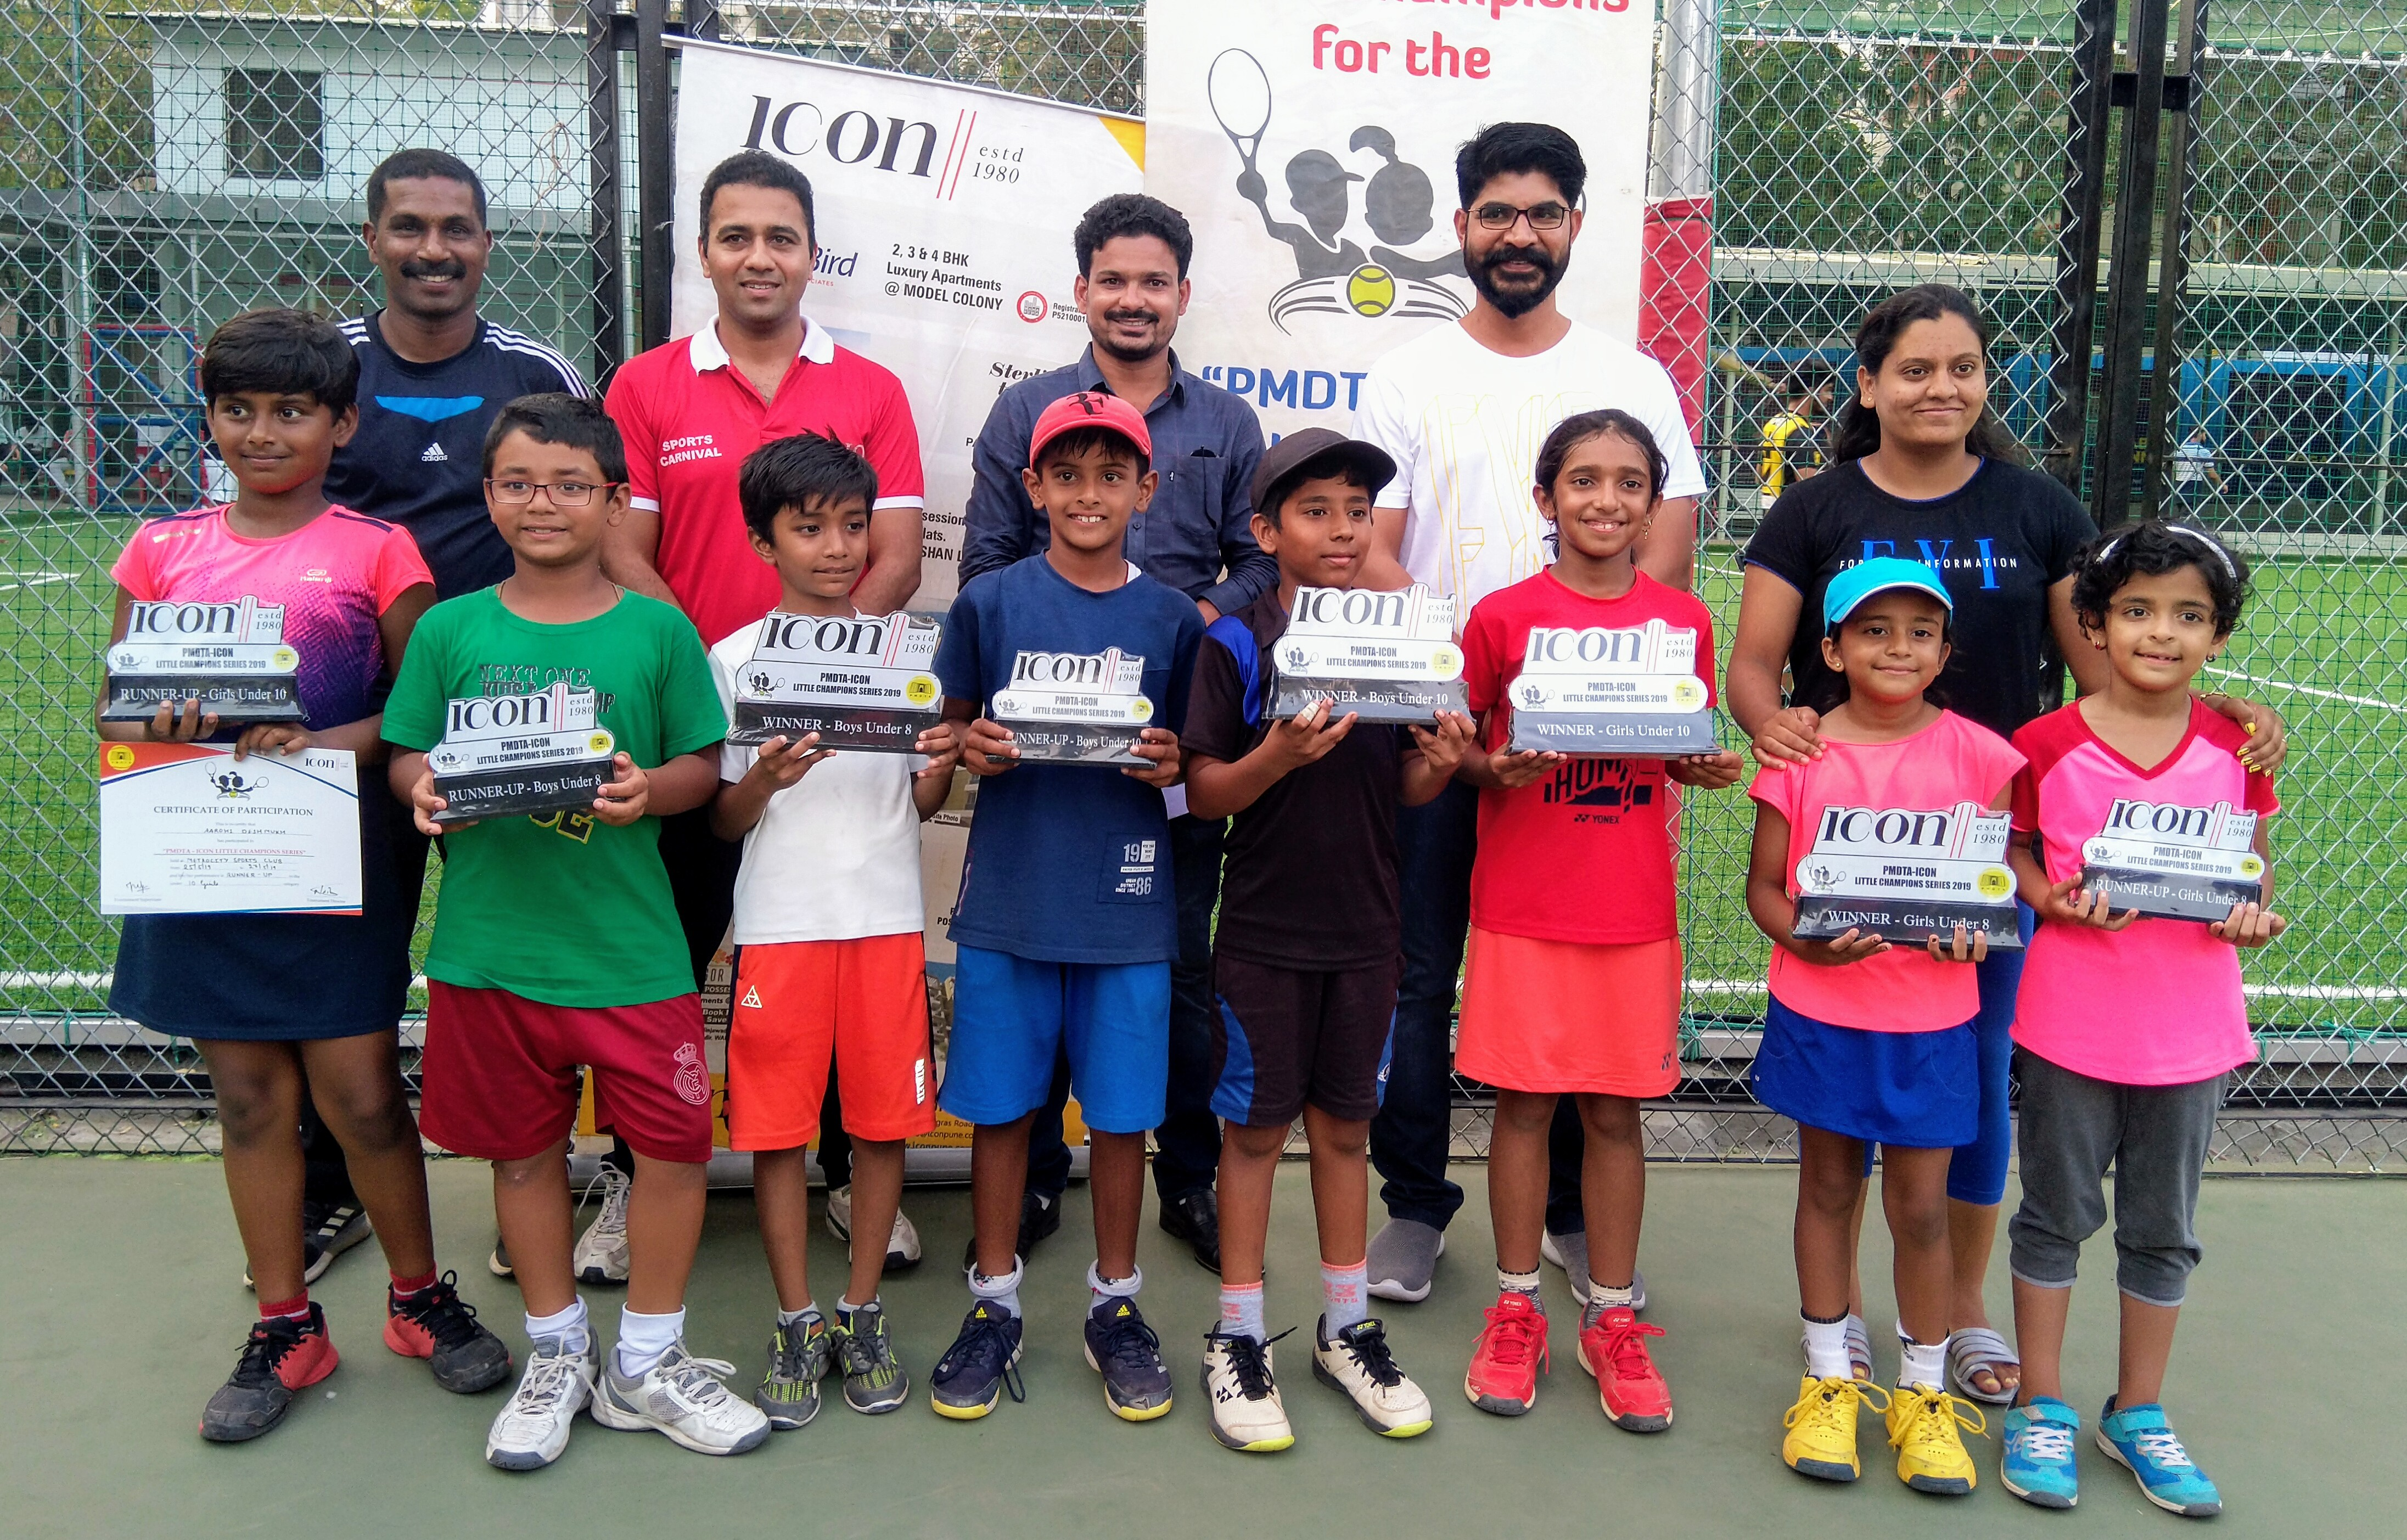 चौथ्या आयकॉन ग्रुप लिटिल  कुमार चॅम्पियनशिप सिरिज 2019 स्पर्धेत   सर्वज्ञ सरोदे ,   श्रावी देवरे ,  अथर्व येलभर,  रित्सा कोंदकर यांना विजेतेपद